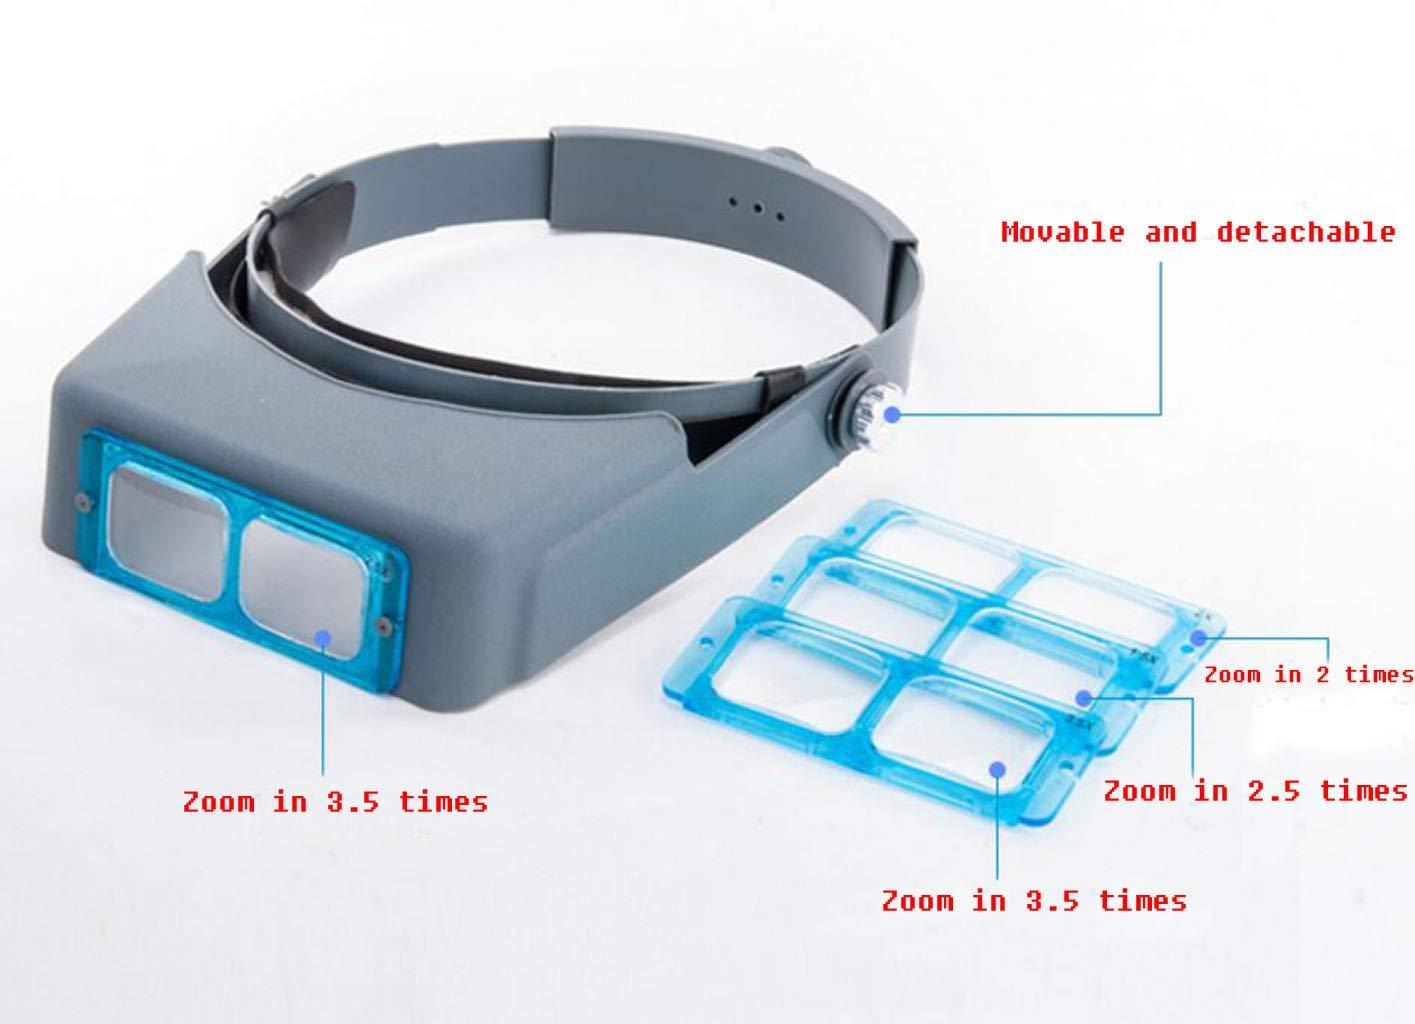 Lente dingrandimento per archetto da sole Lente doppia visore Ingrandimento 1.5X 2X 2.5X 3.5X lente dingrandimento binoculare in vetro ottico